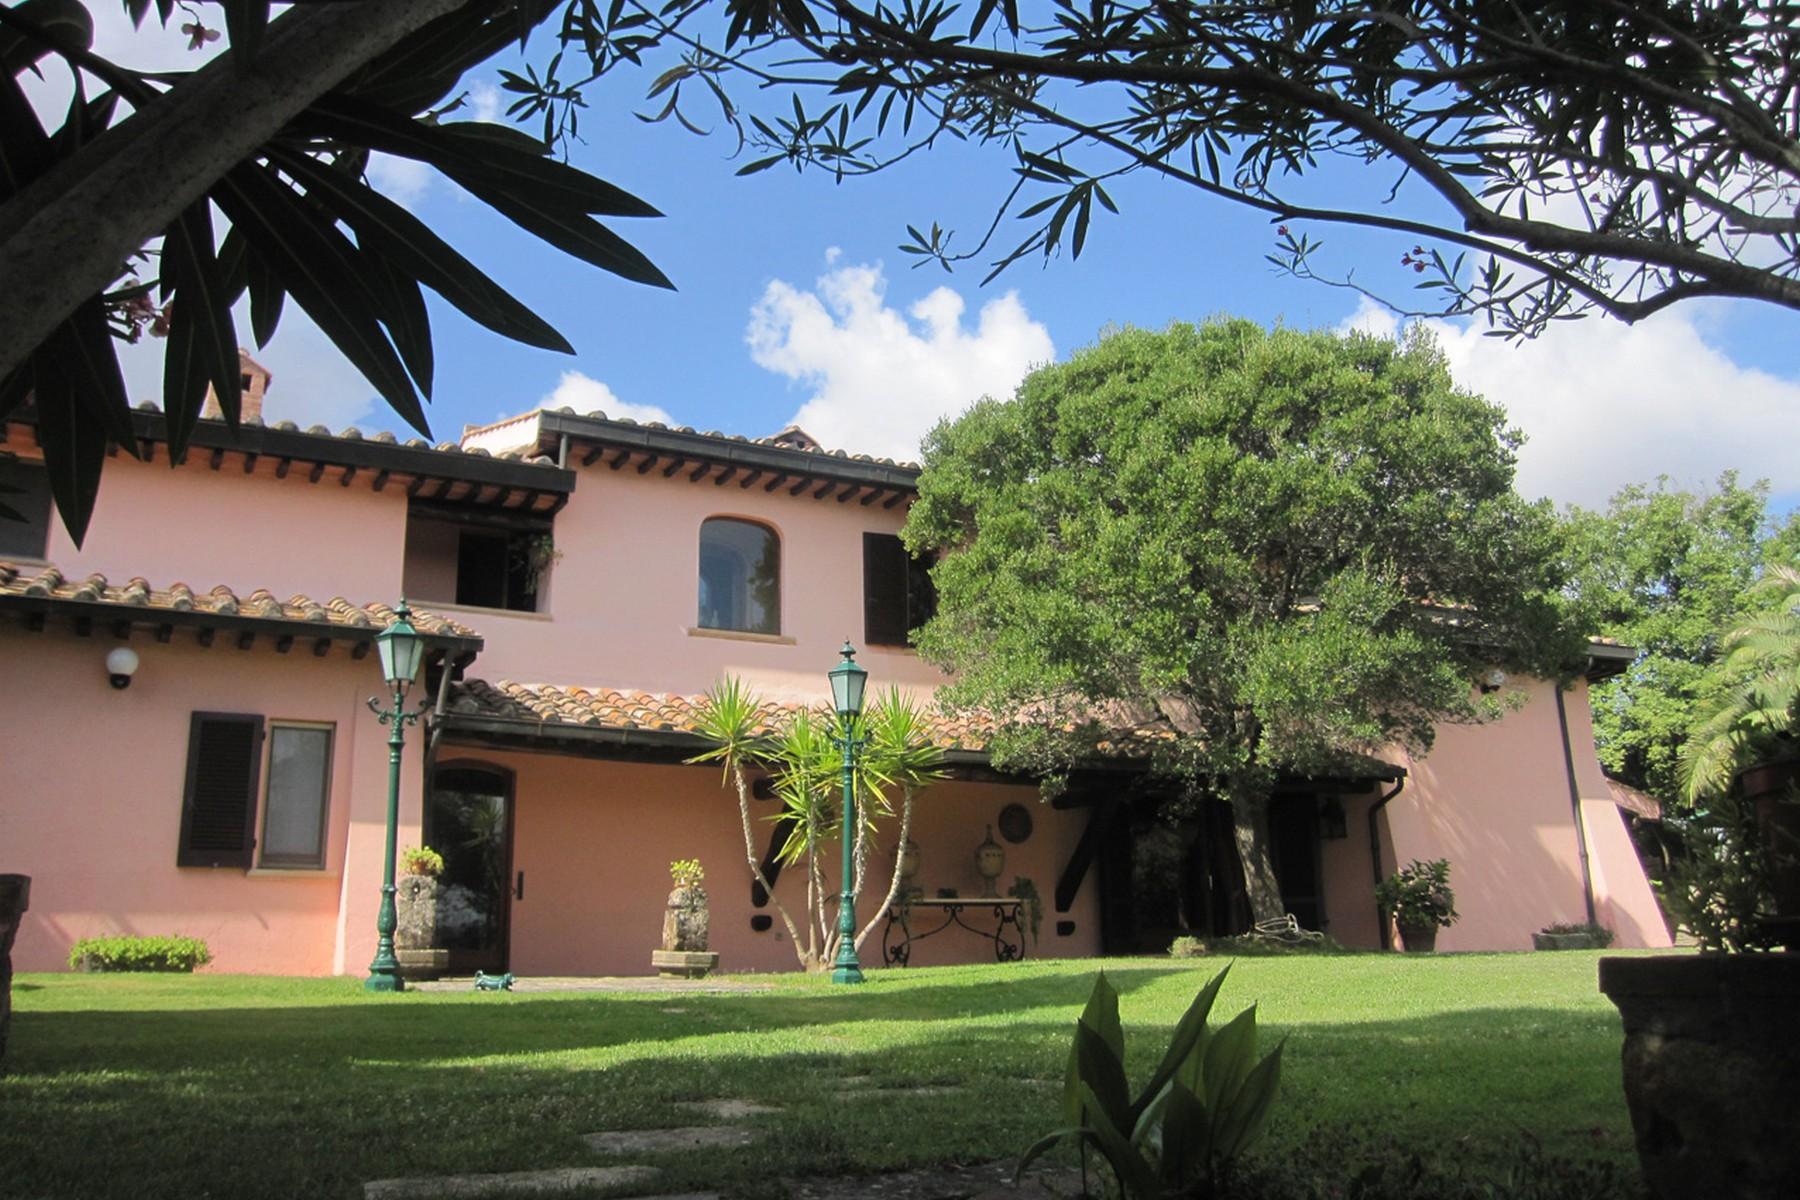 Villa in Vendita a Scansano: 5 locali, 700 mq - Foto 2